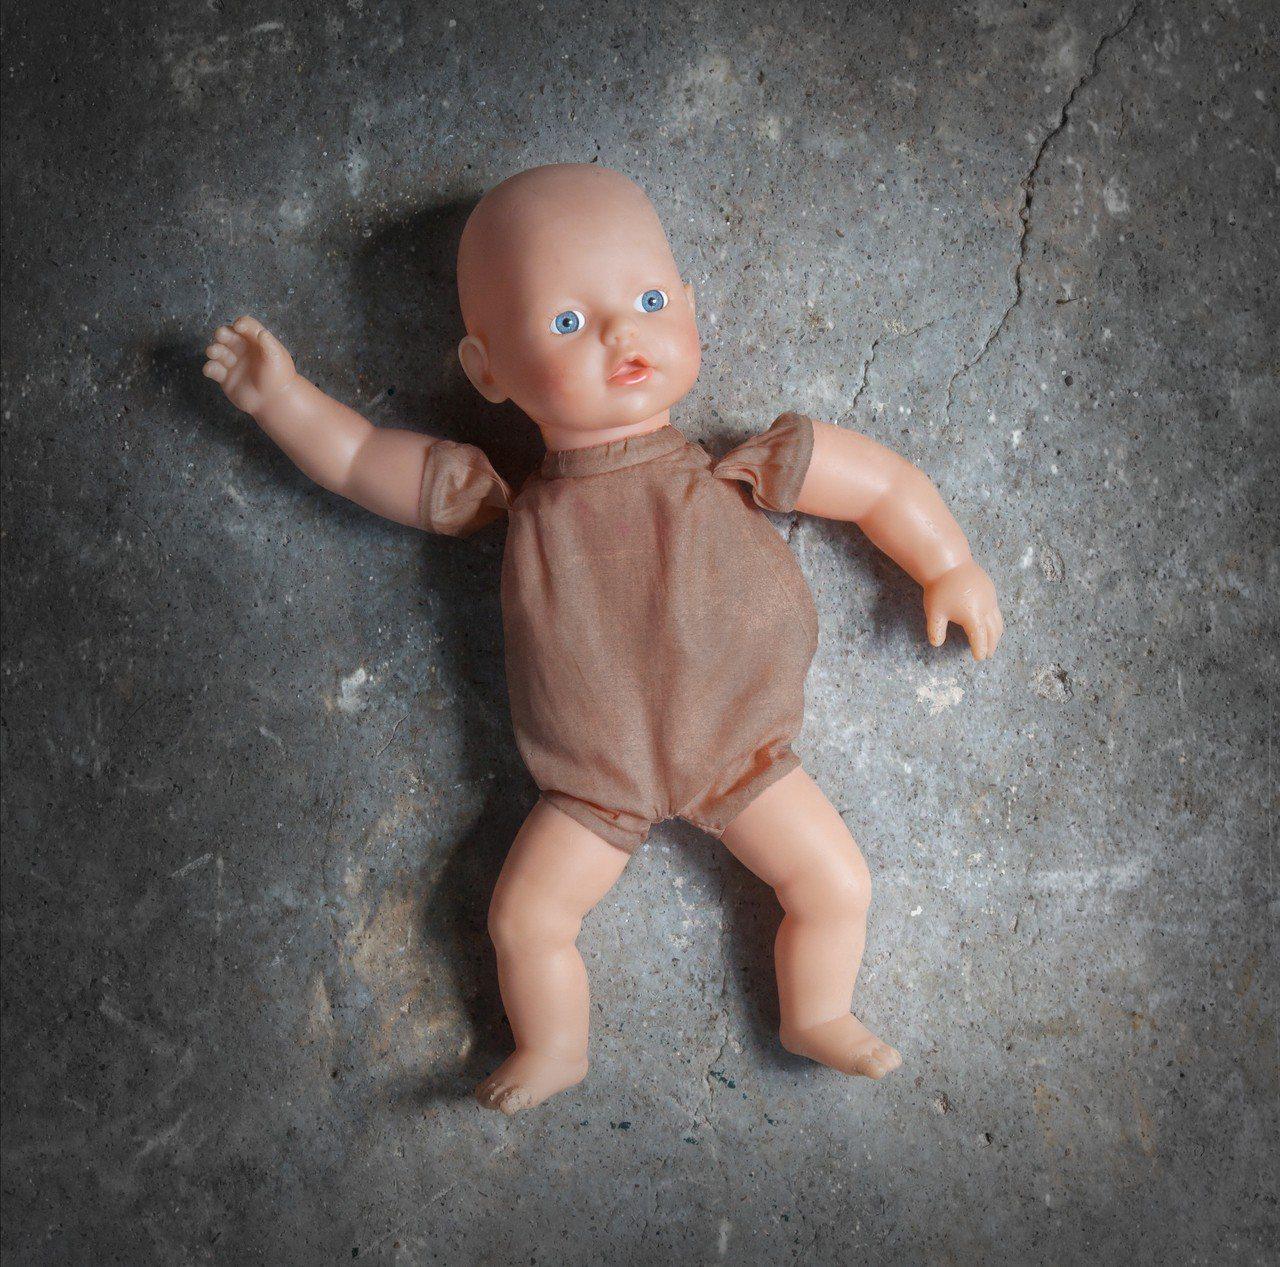 北投區一名4個月大的周姓男嬰,疑似遭家人施虐。 示意圖/Ingimage